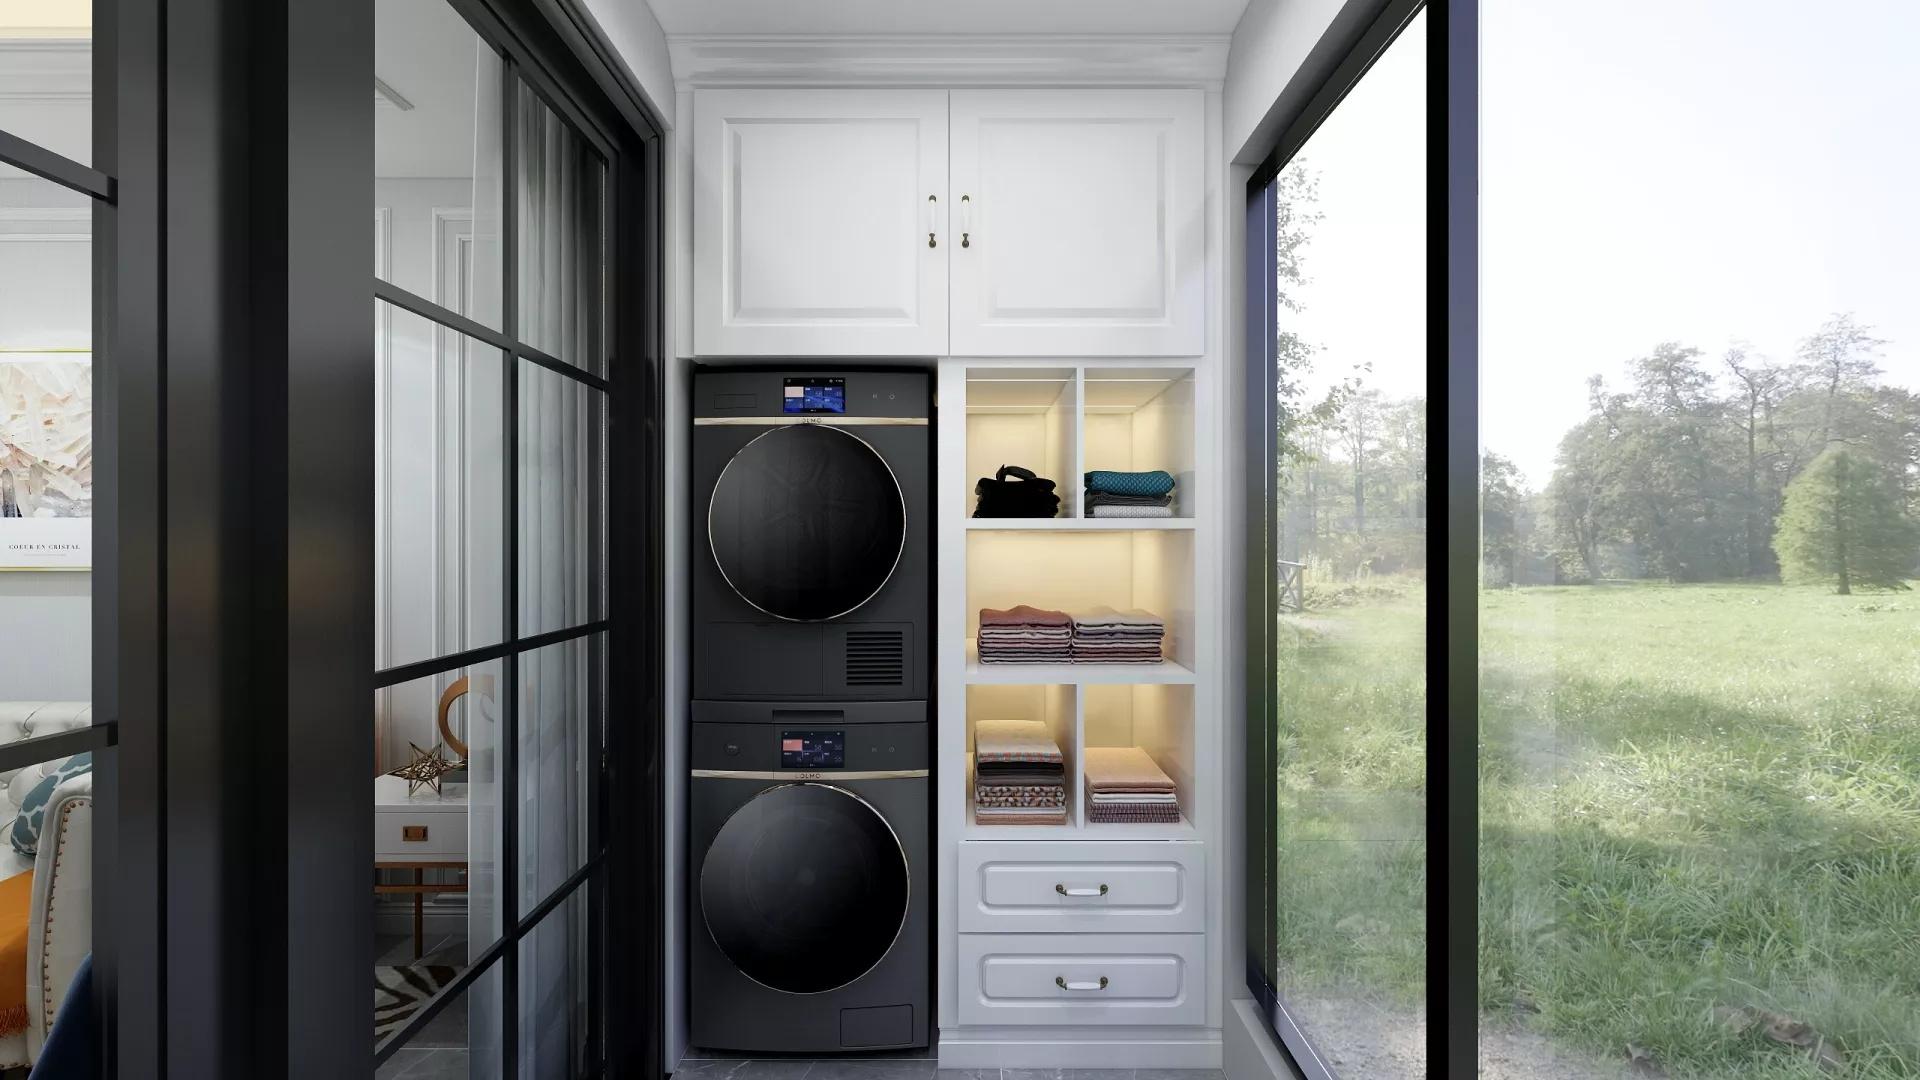 厨房煤气管道怎么隐藏  厨房煤气管道隐藏方法